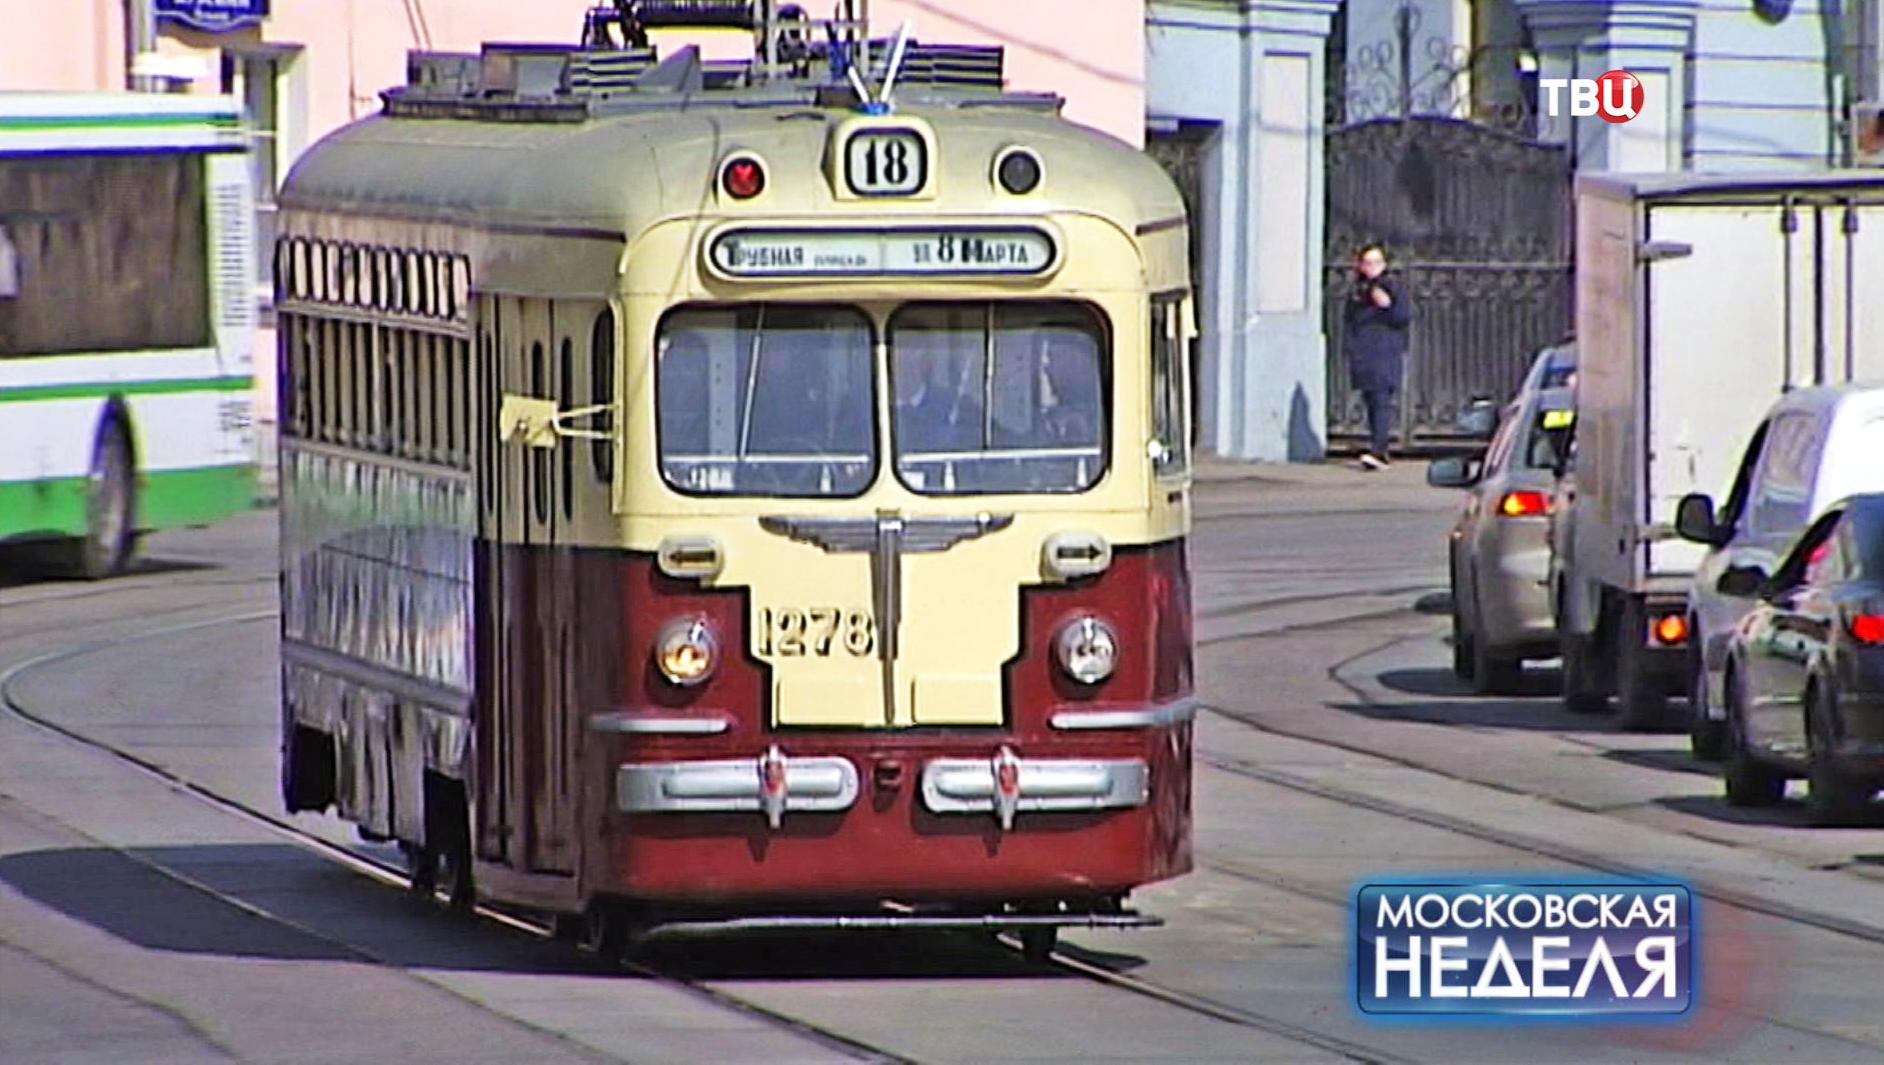 Ретро-трамвай на улице Москвы